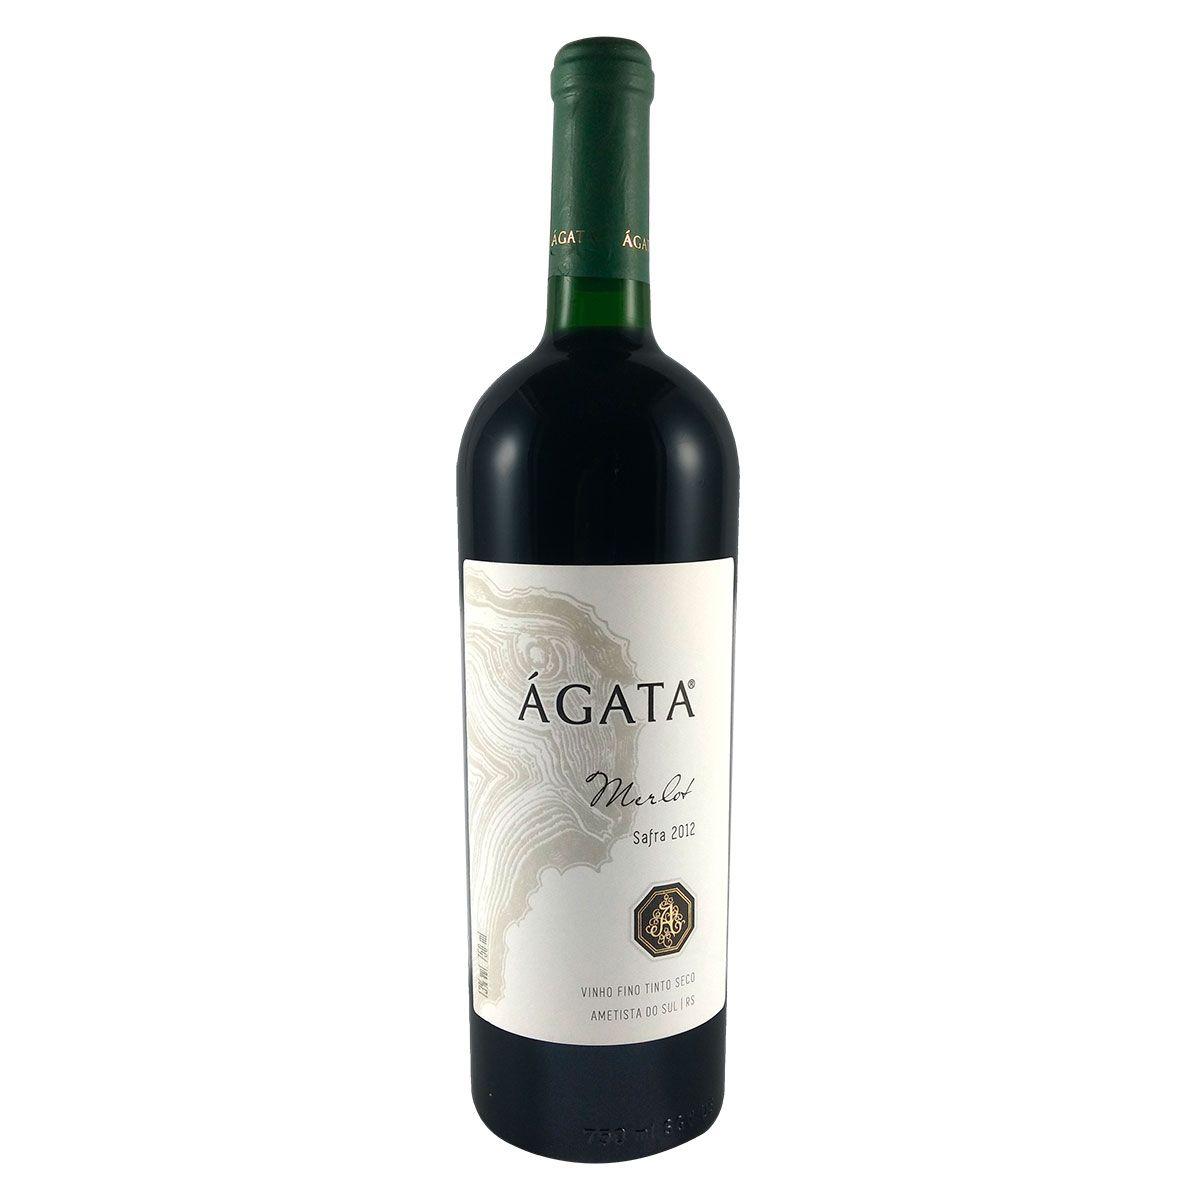 Vinho Fino Tinto Seco Ágata Merlot 2012 750ml